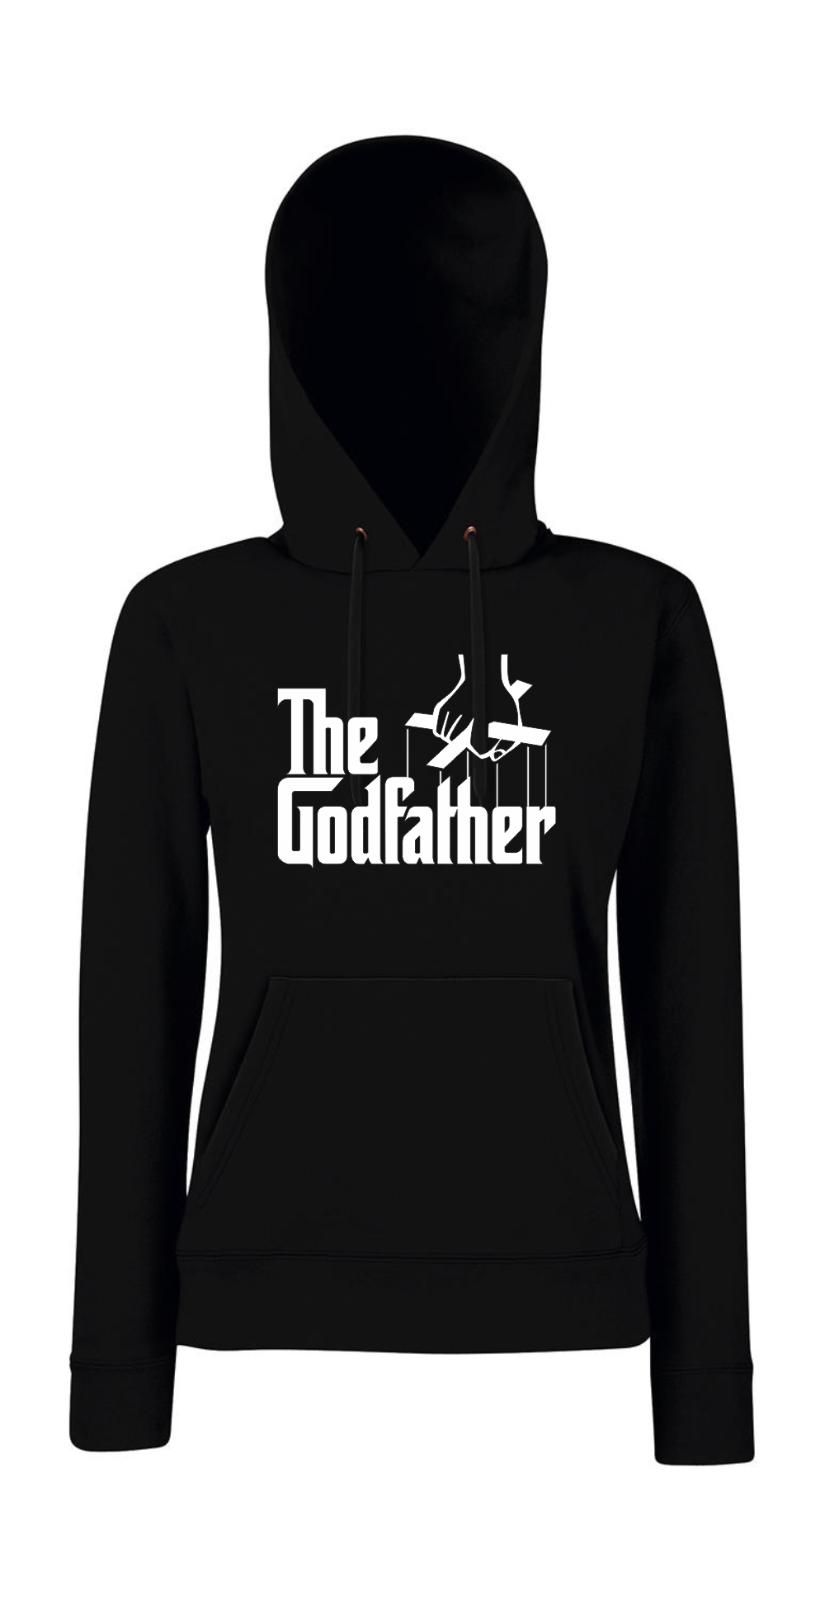 The Godfather i Eslogans Eslogans Eslogans i Fun i Digreenido i Femenino Jersey Capucha 74929d